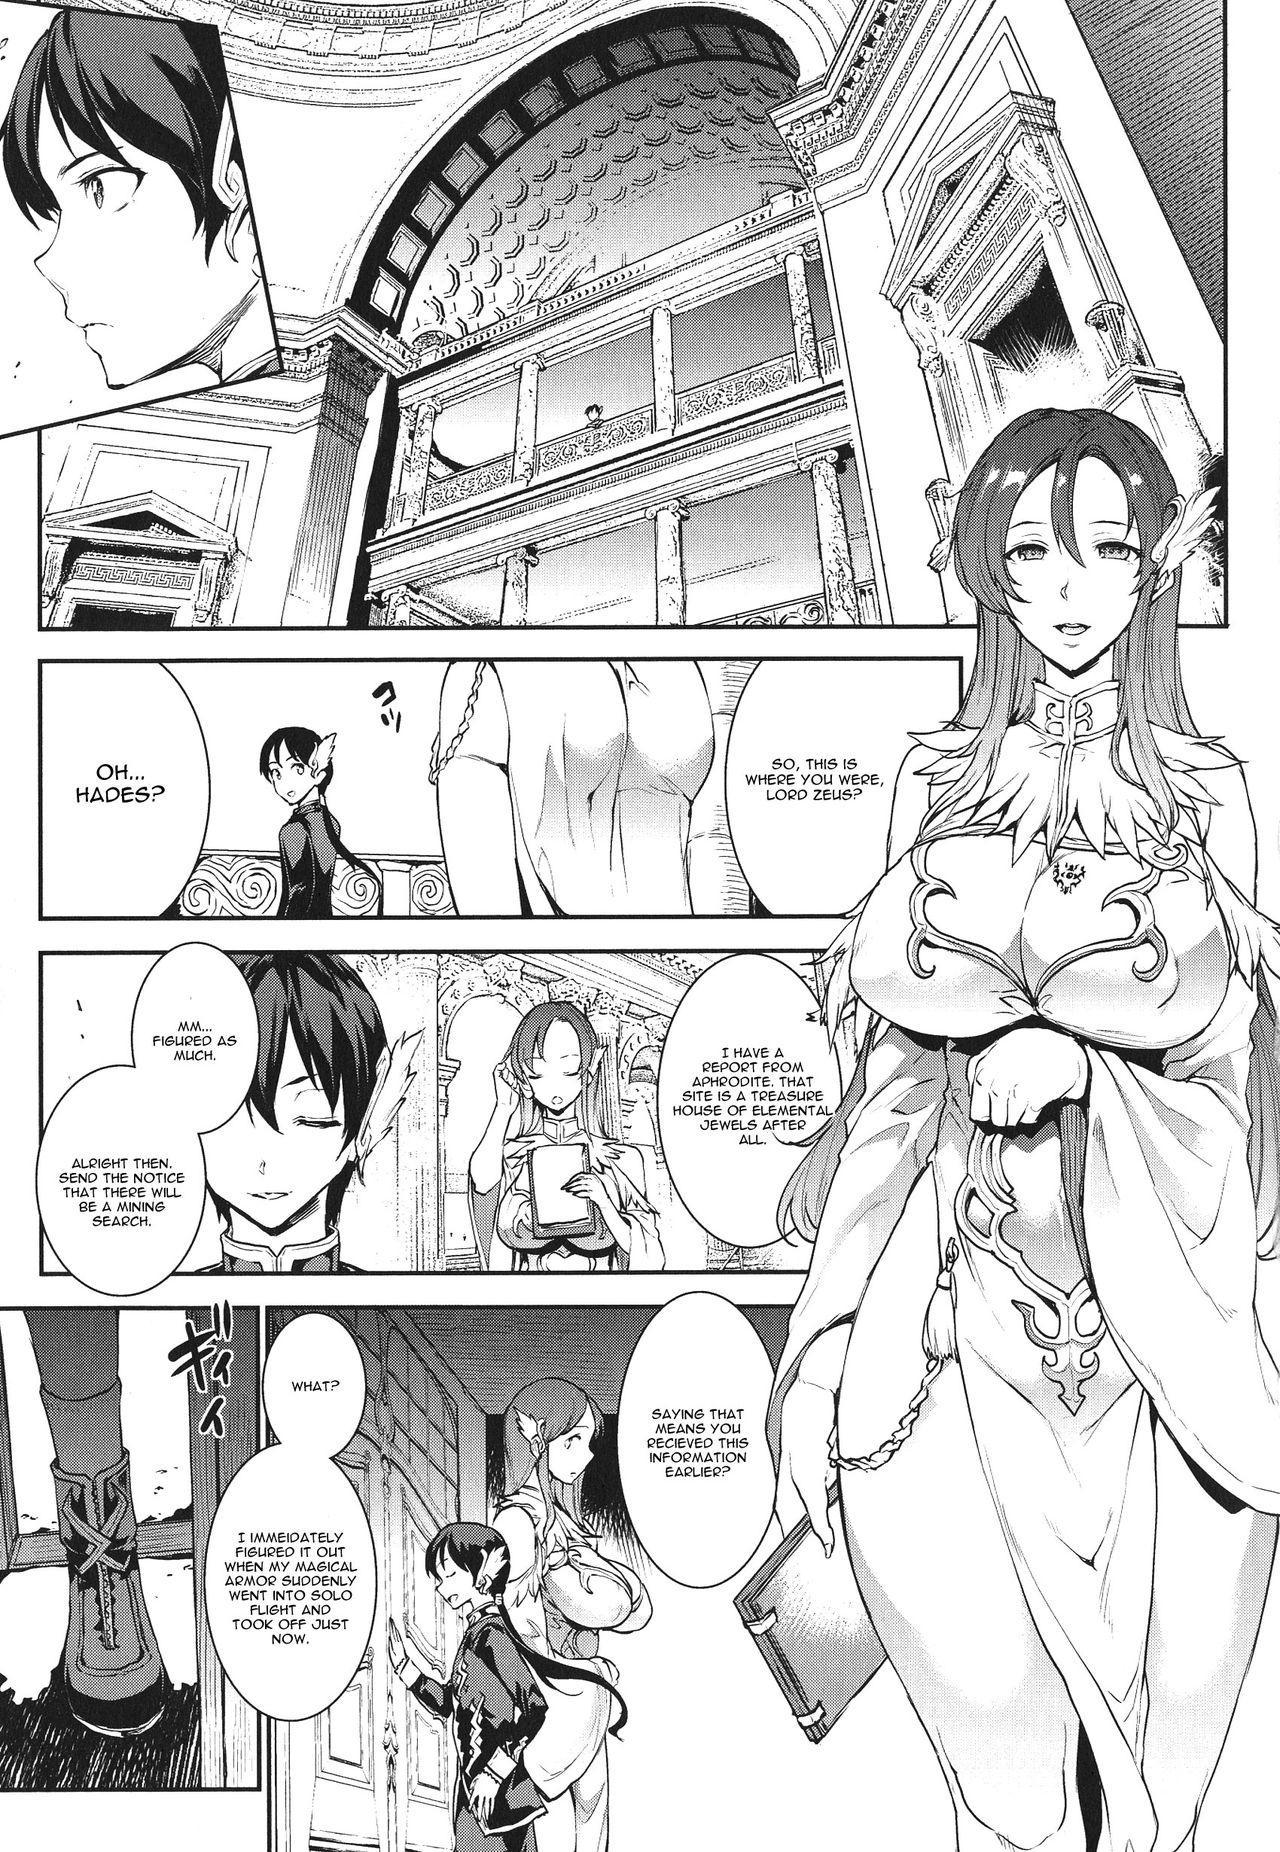 [Erect Sawaru] Raikou Shinki Igis Magia -PANDRA saga 3rd ignition- Ch. 1-7 + Medousa [English] [CGrascal] 58